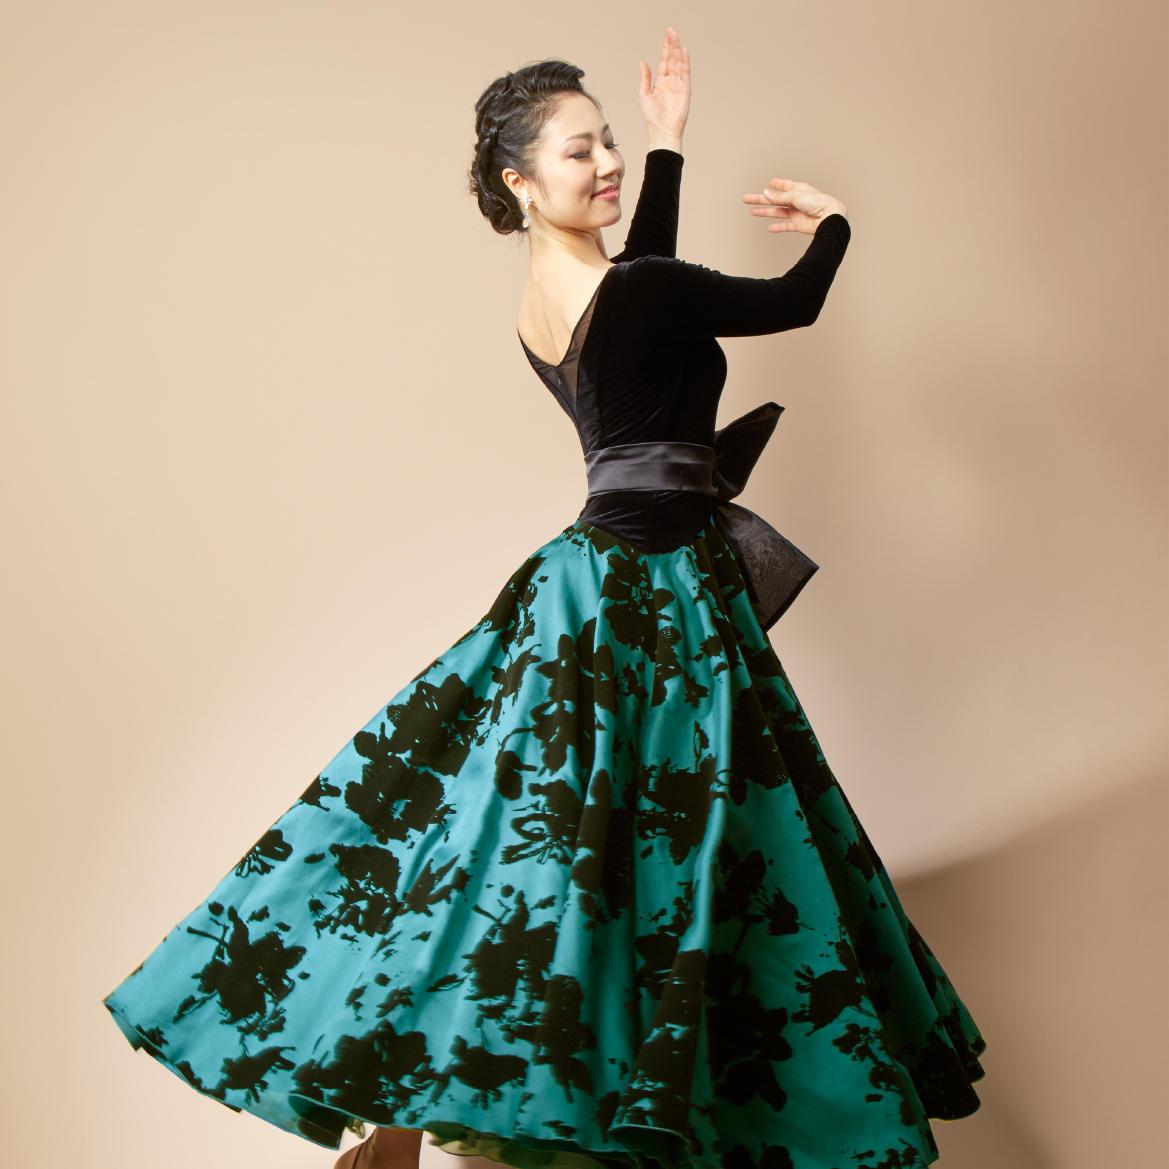 ボールルーム(社交)ダンス ワンピースコレクション